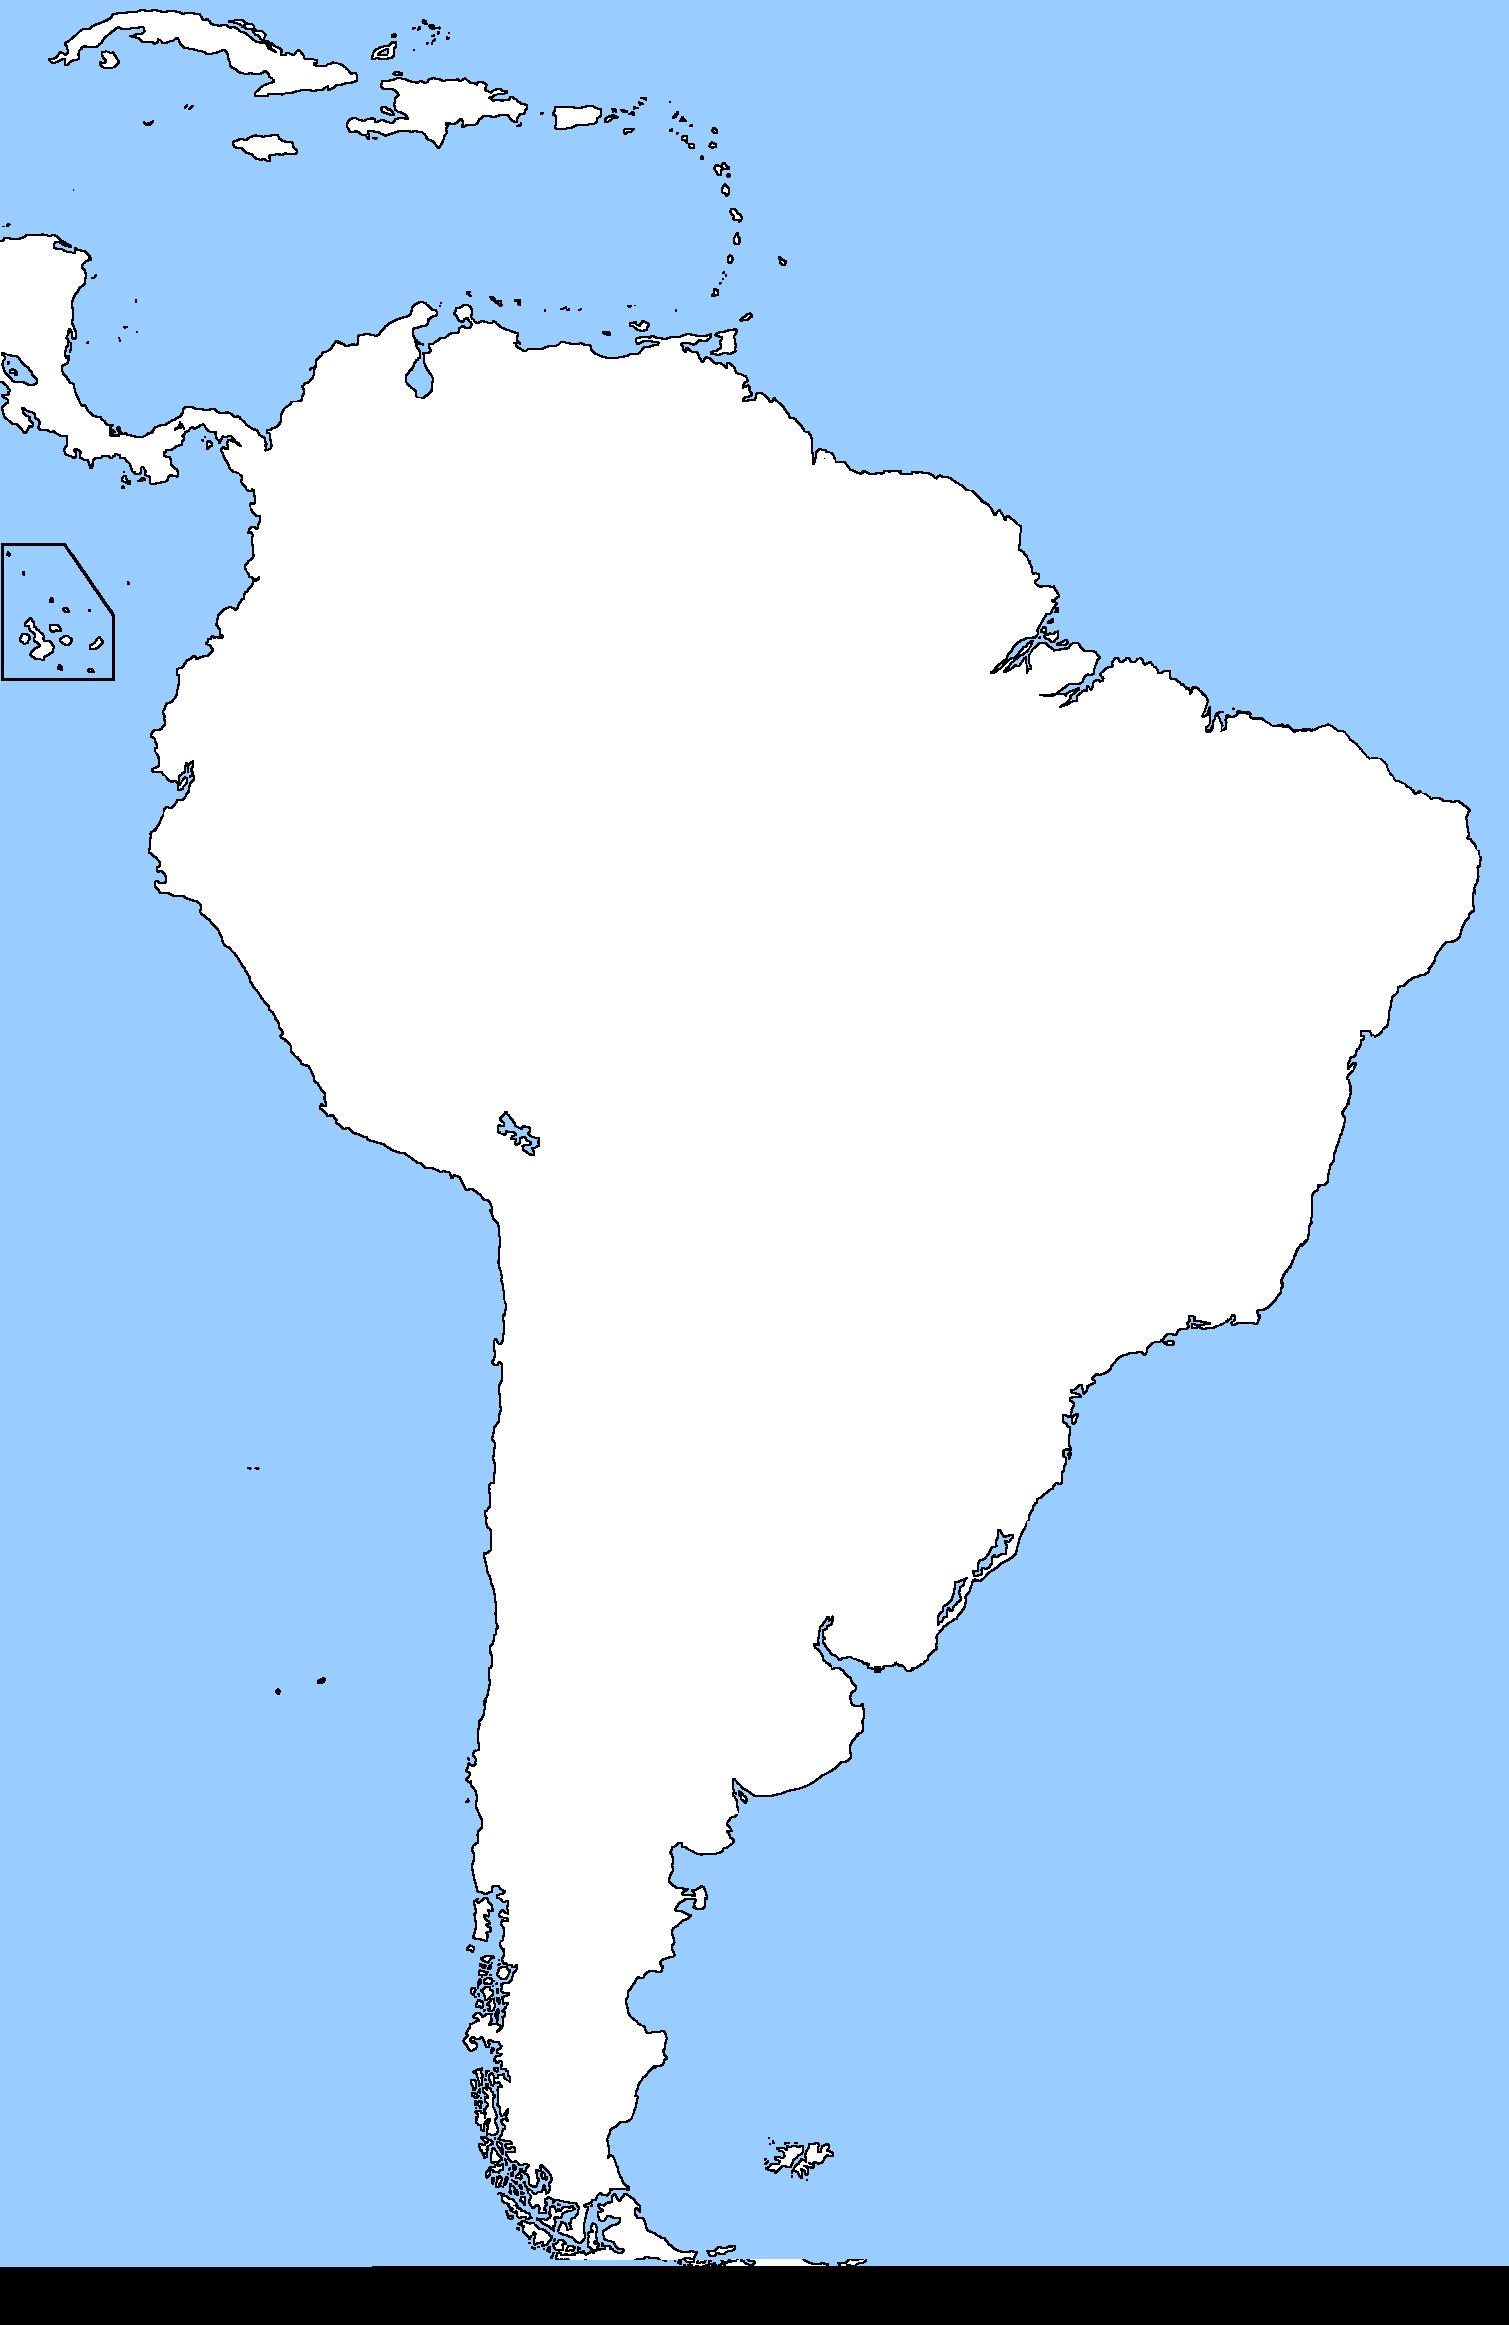 USA Blank Printable Map With State Names Royalty Free Jpg United - Blank us map with state names